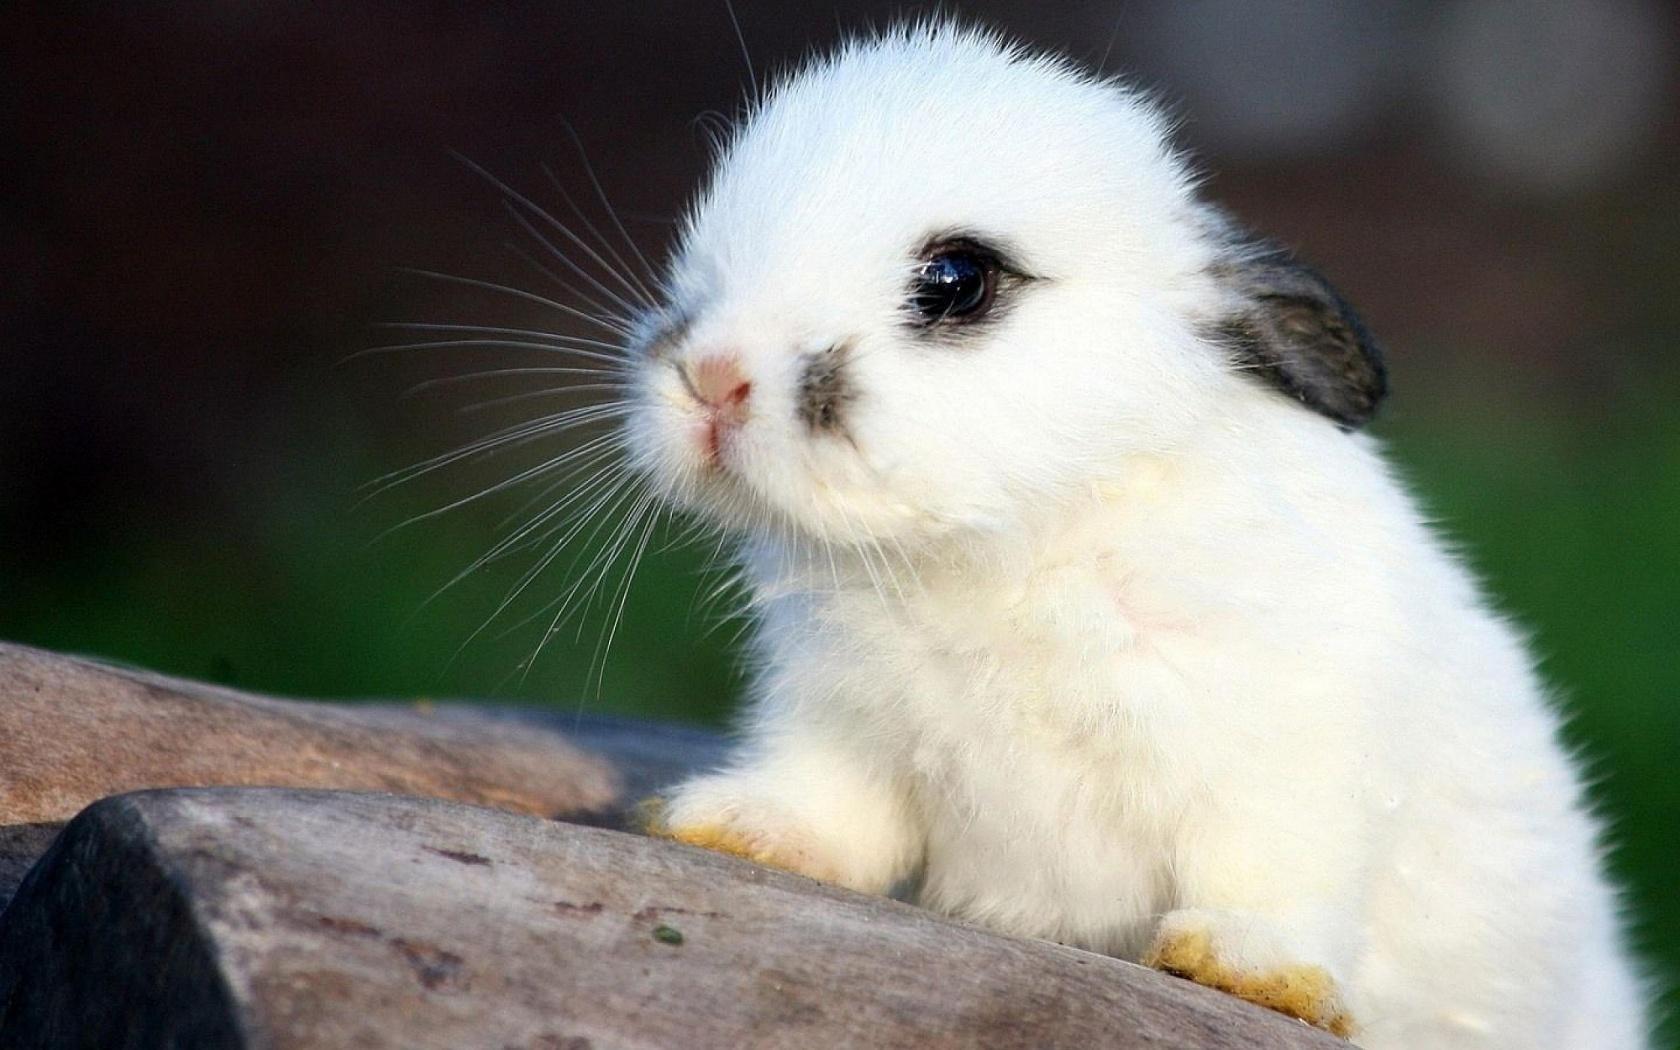 топ самых милых животных фото